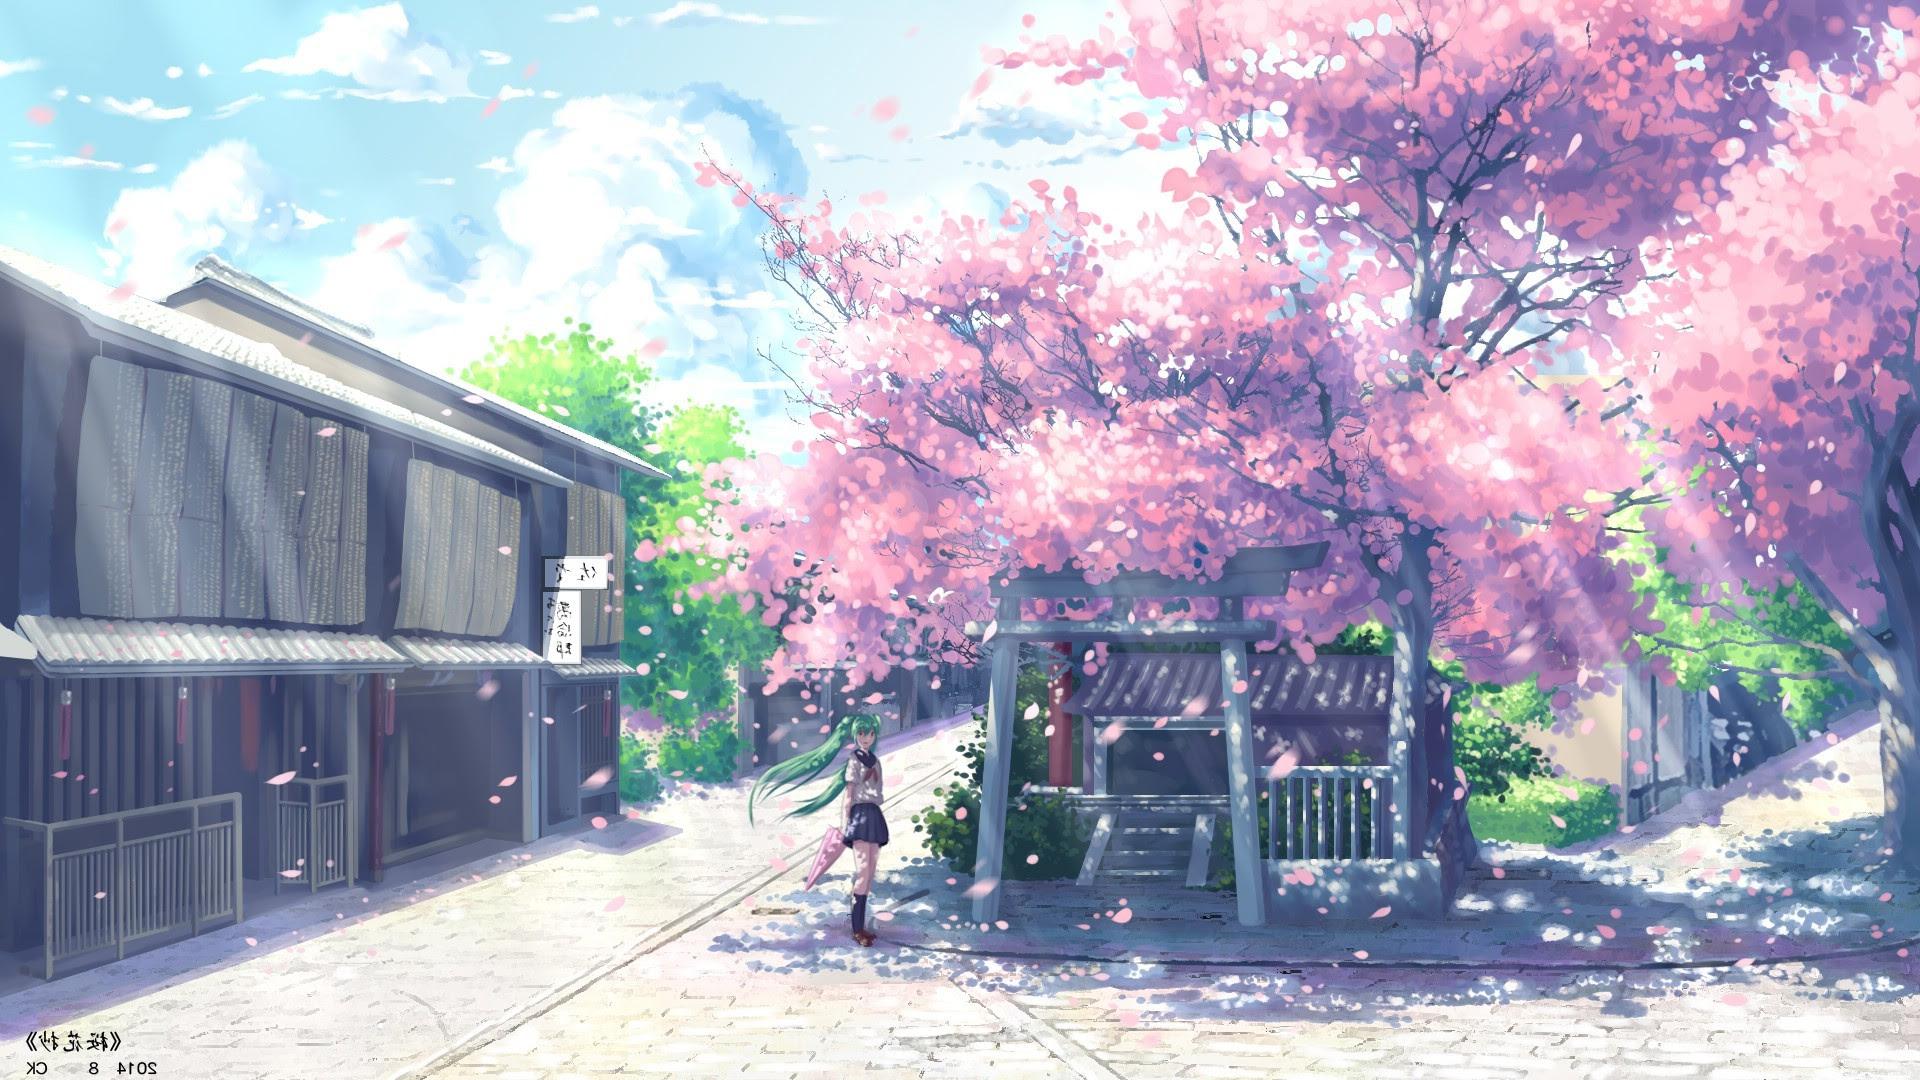 Anime Aesthetic Wallpaper Pc